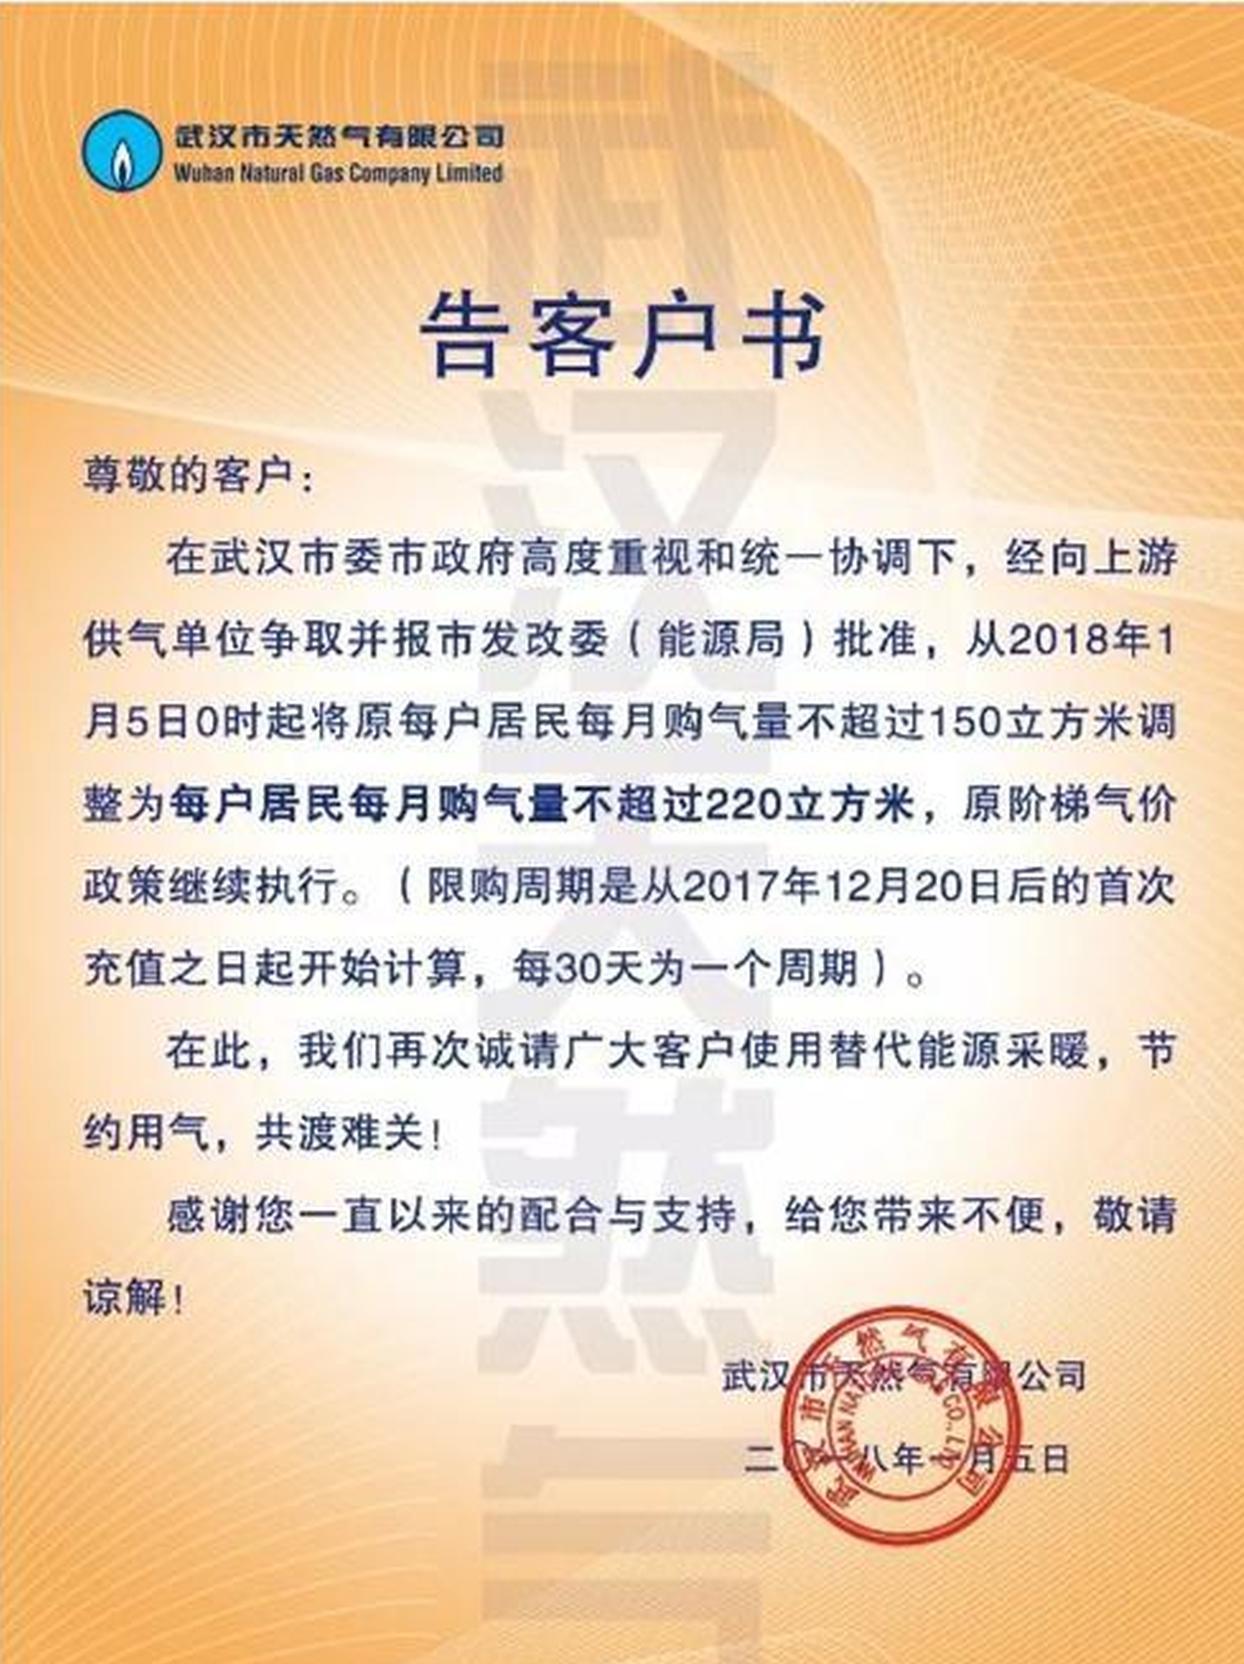 图为:武汉天然气调整具体政策